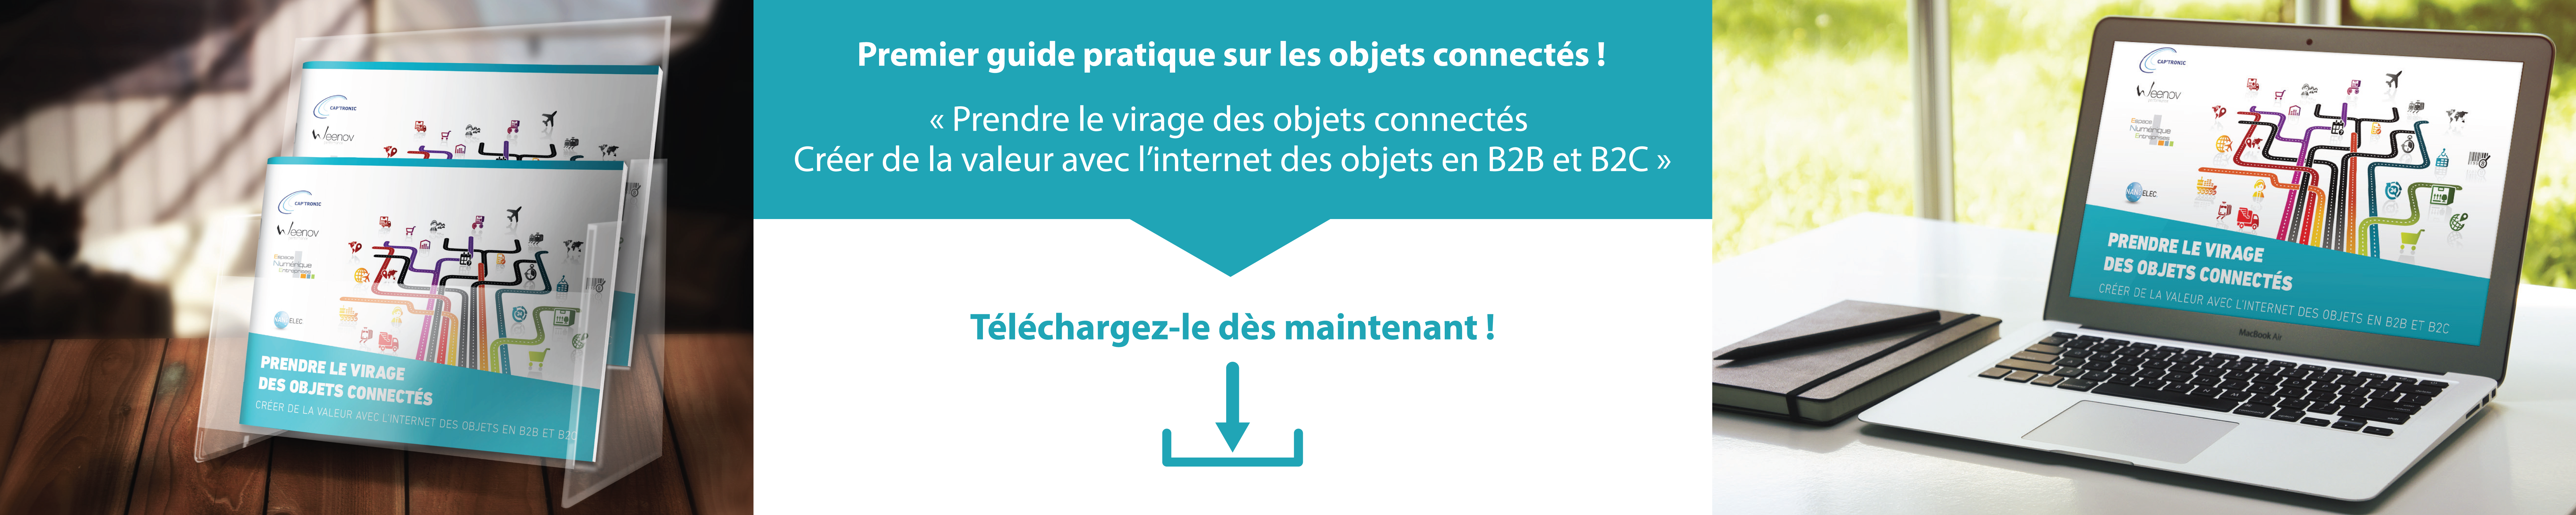 Bandeau-telechargement-Guide4